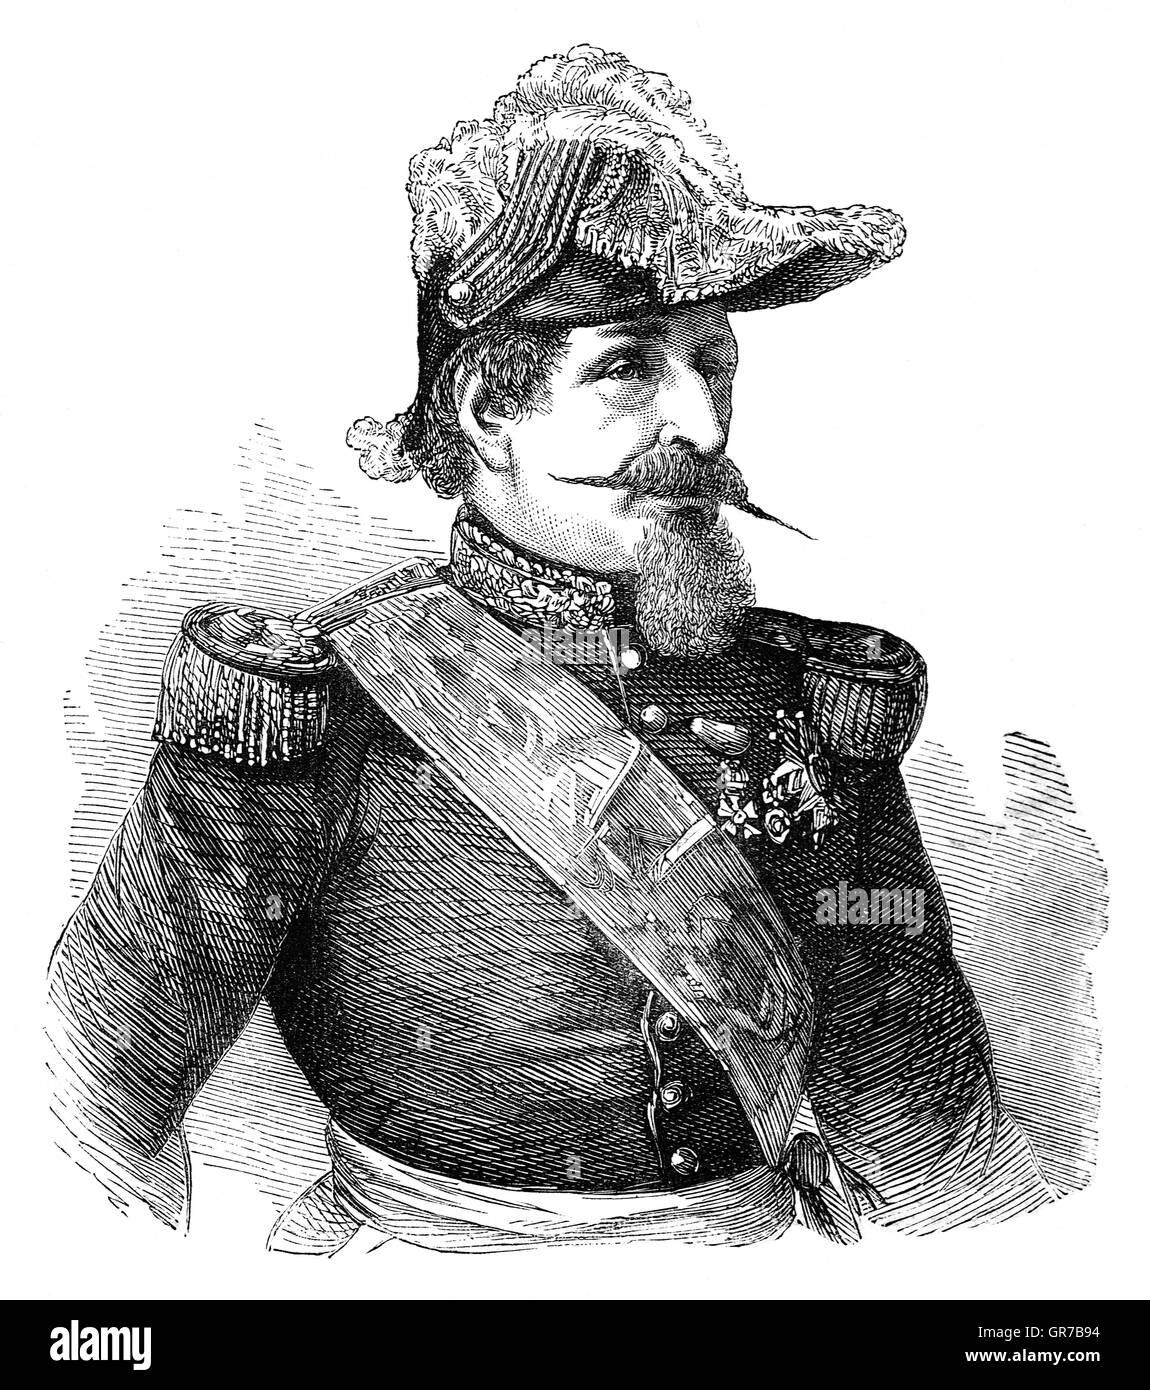 Louis-Napoléon Bonaparte (1808 – 1873), nephew and heir of Napoleon I, was the only President (1848–52) of - Stock Image